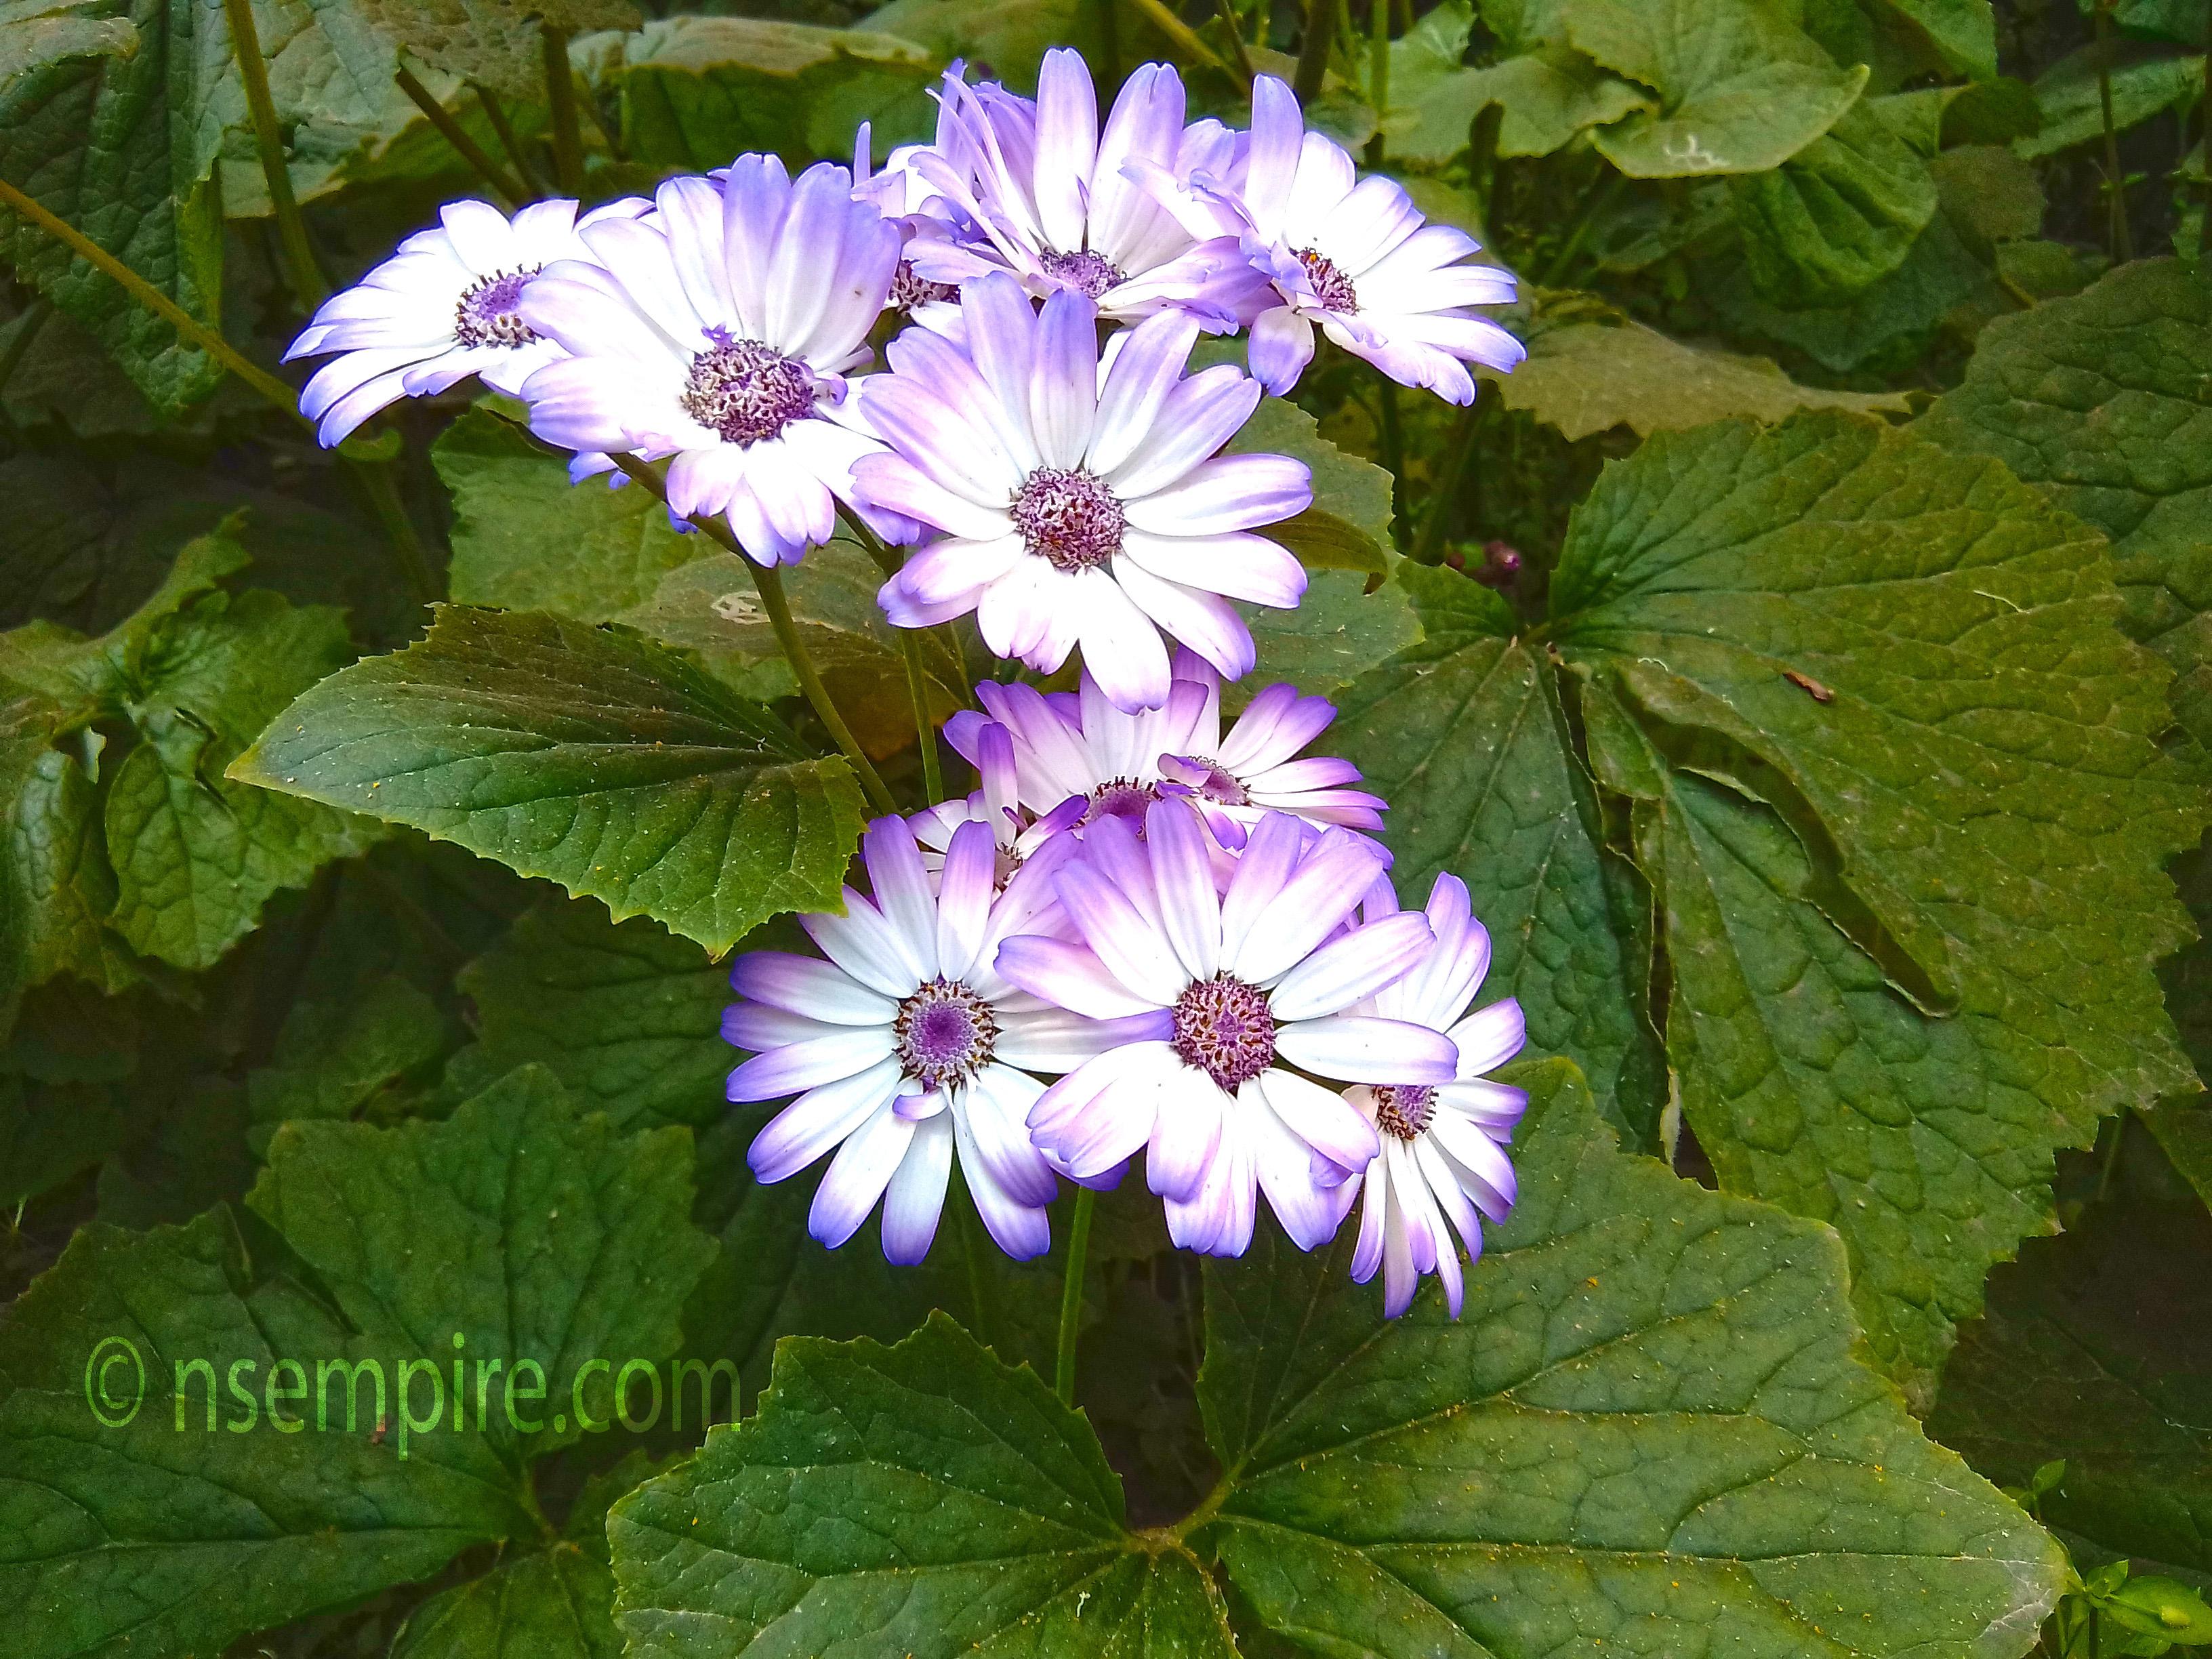 Free Picture of Senetti Light Blue Bicolor